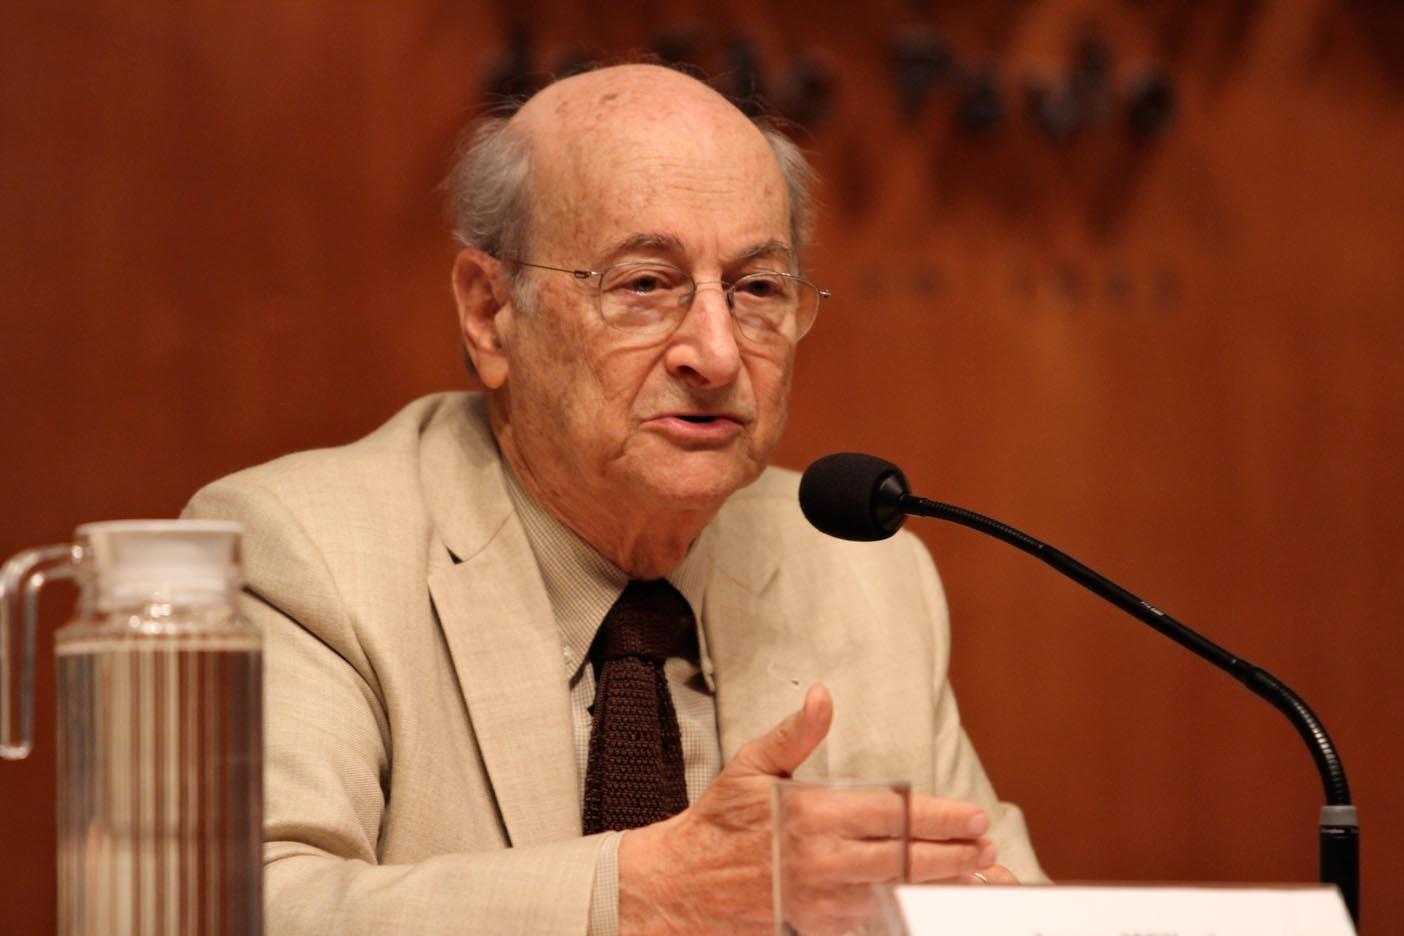 Arquiteto Jorge Wilheim faleceu hoje pela manhã